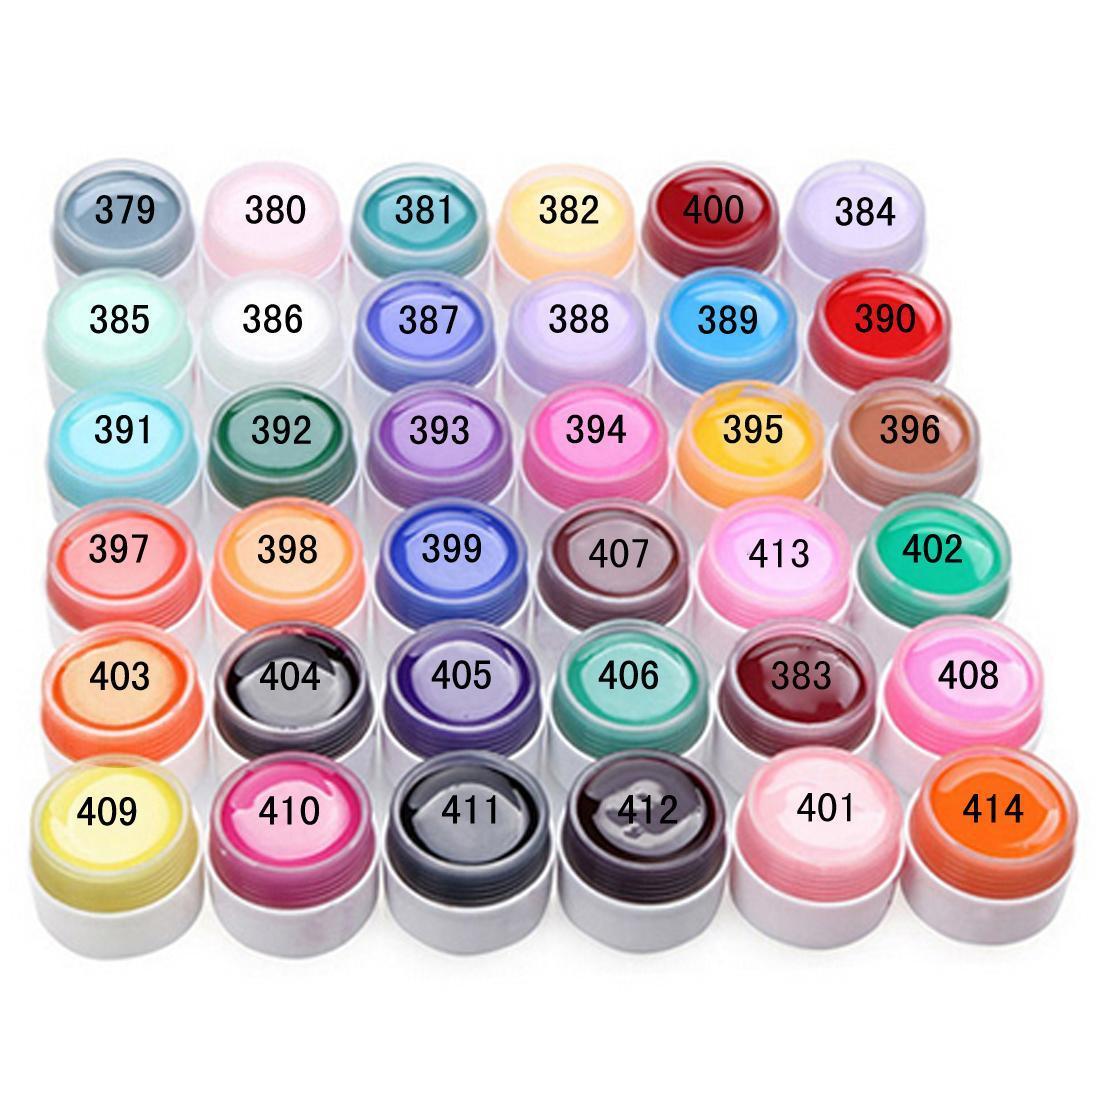 36 Pots Pure Colors Gel Nail Polish UV Nail Art DIY Decoration for Nail Manicure (China (Mainland))